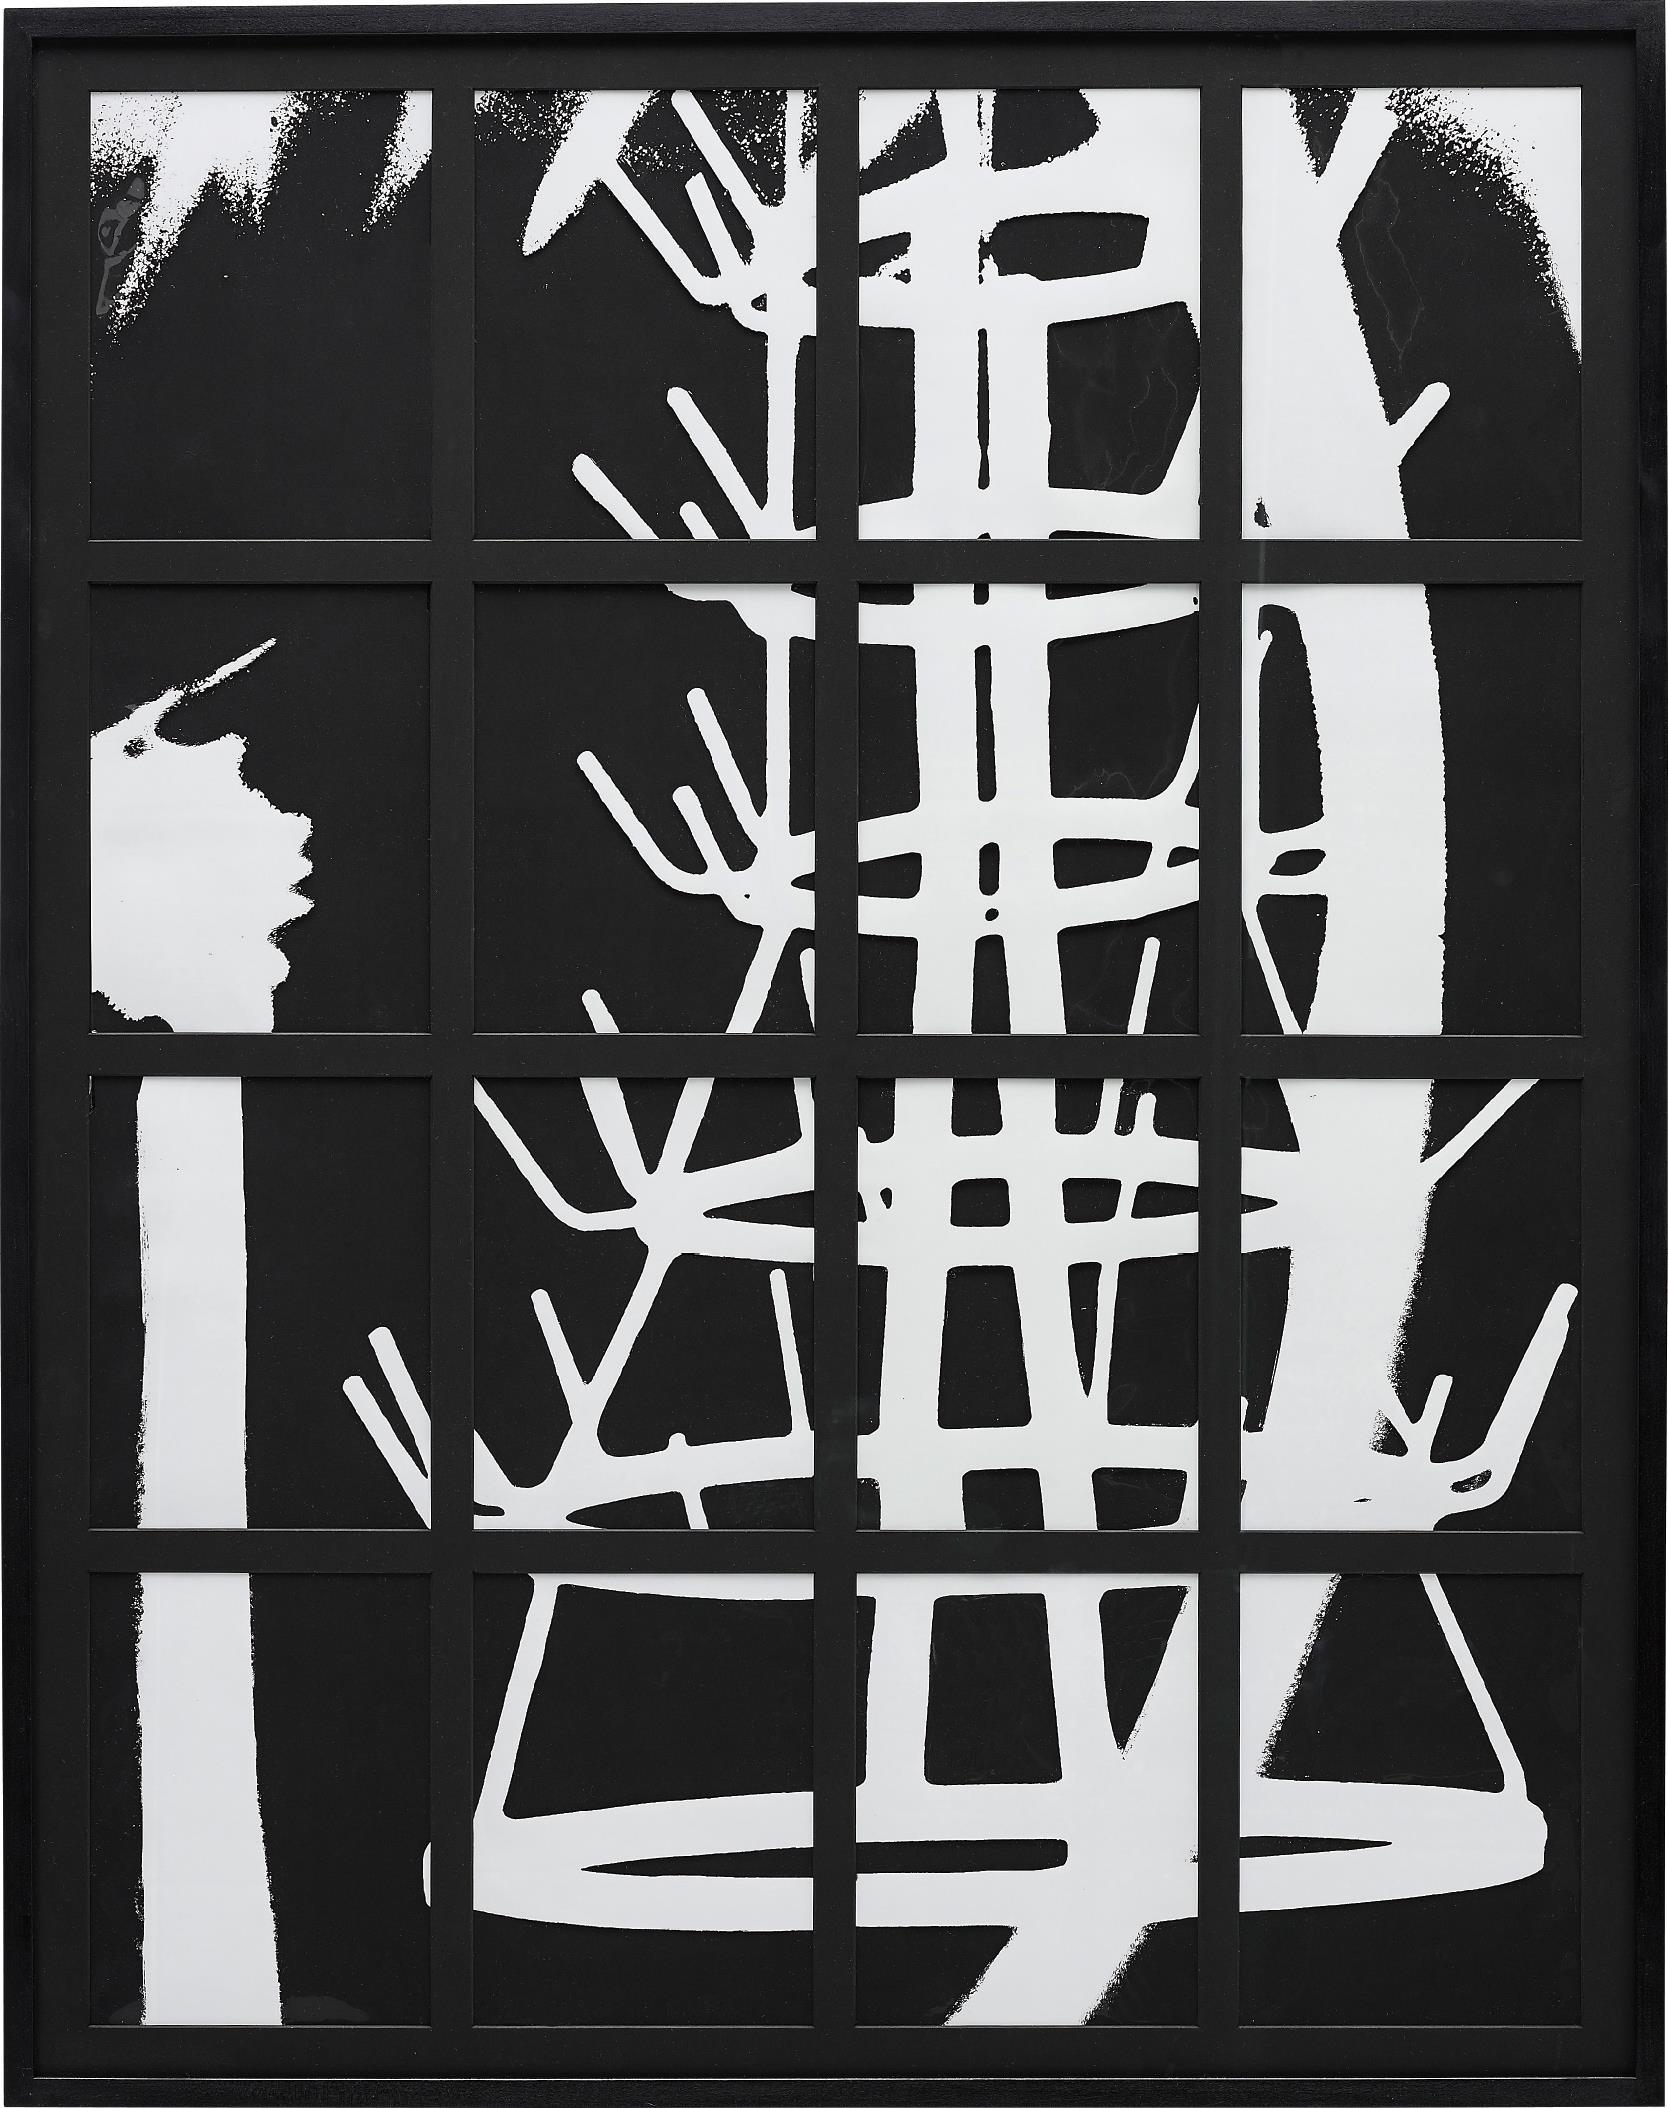 Marcel Duchamp-Suite d'ombres transparents (Suite of Transparent Shadows); Marcel Duchamp ou le chateau de la purete by Octavio Paz-1967